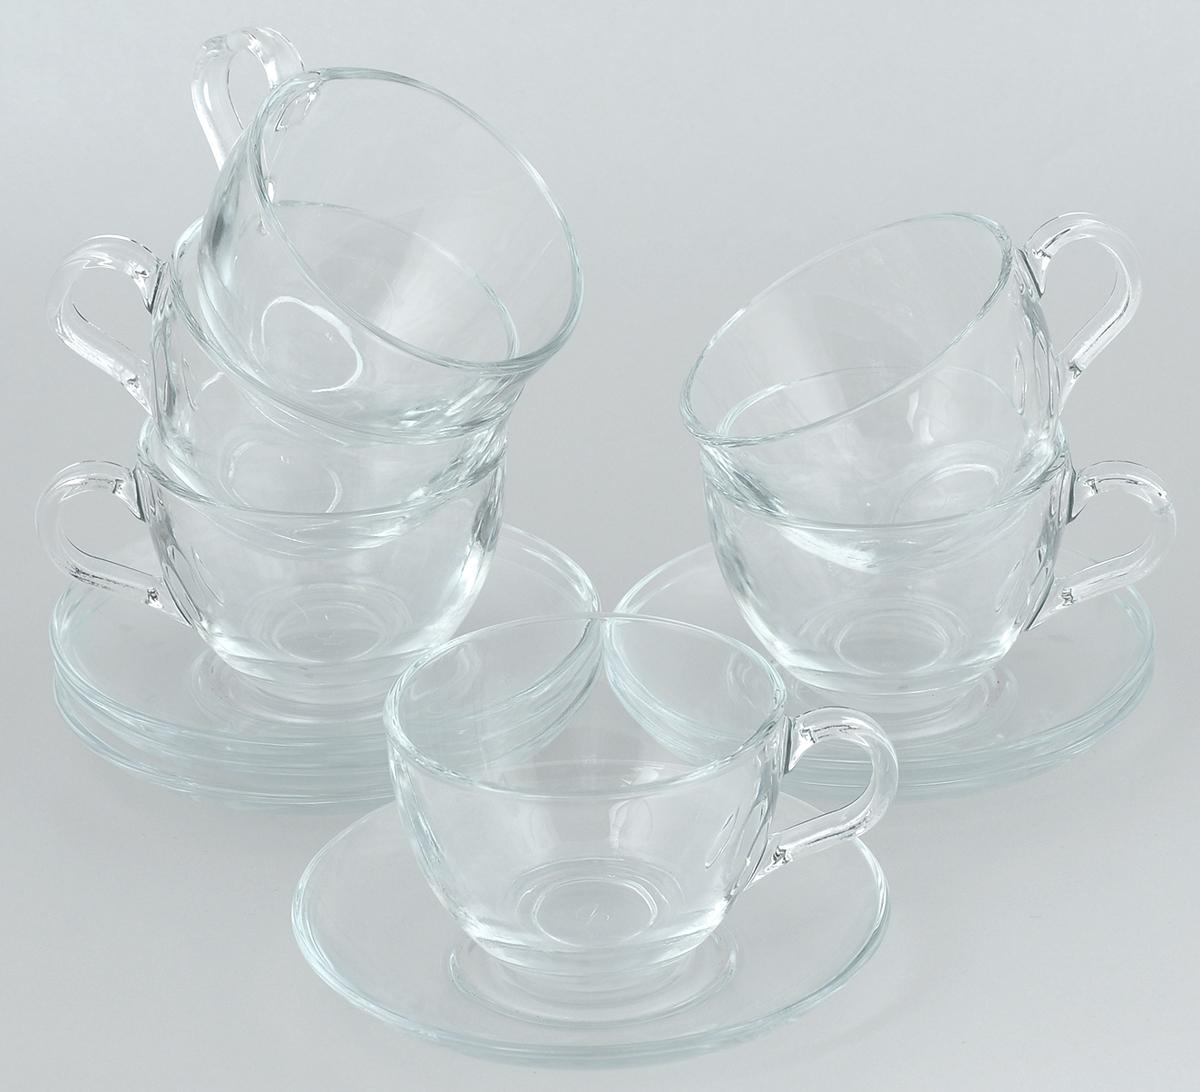 Набор чайный Pasabahce Basic, 12 предметов. 97948BTVT-1520(SR)Чайный набор Pasabahce Basic состоит из шести чашек и шести блюдец. Предметы набора изготовлены из прочного натрий-кальций-силикатного стекла. Изящный чайный набор великолепно украсит стол к чаепитию и порадует вас и ваших гостей ярким дизайном и качеством исполнения.Объем чашки: 215 мл.Высота чашки: 6,5 см.Диаметр чашки: 9 см.Диаметр блюдца: 13,5 см.